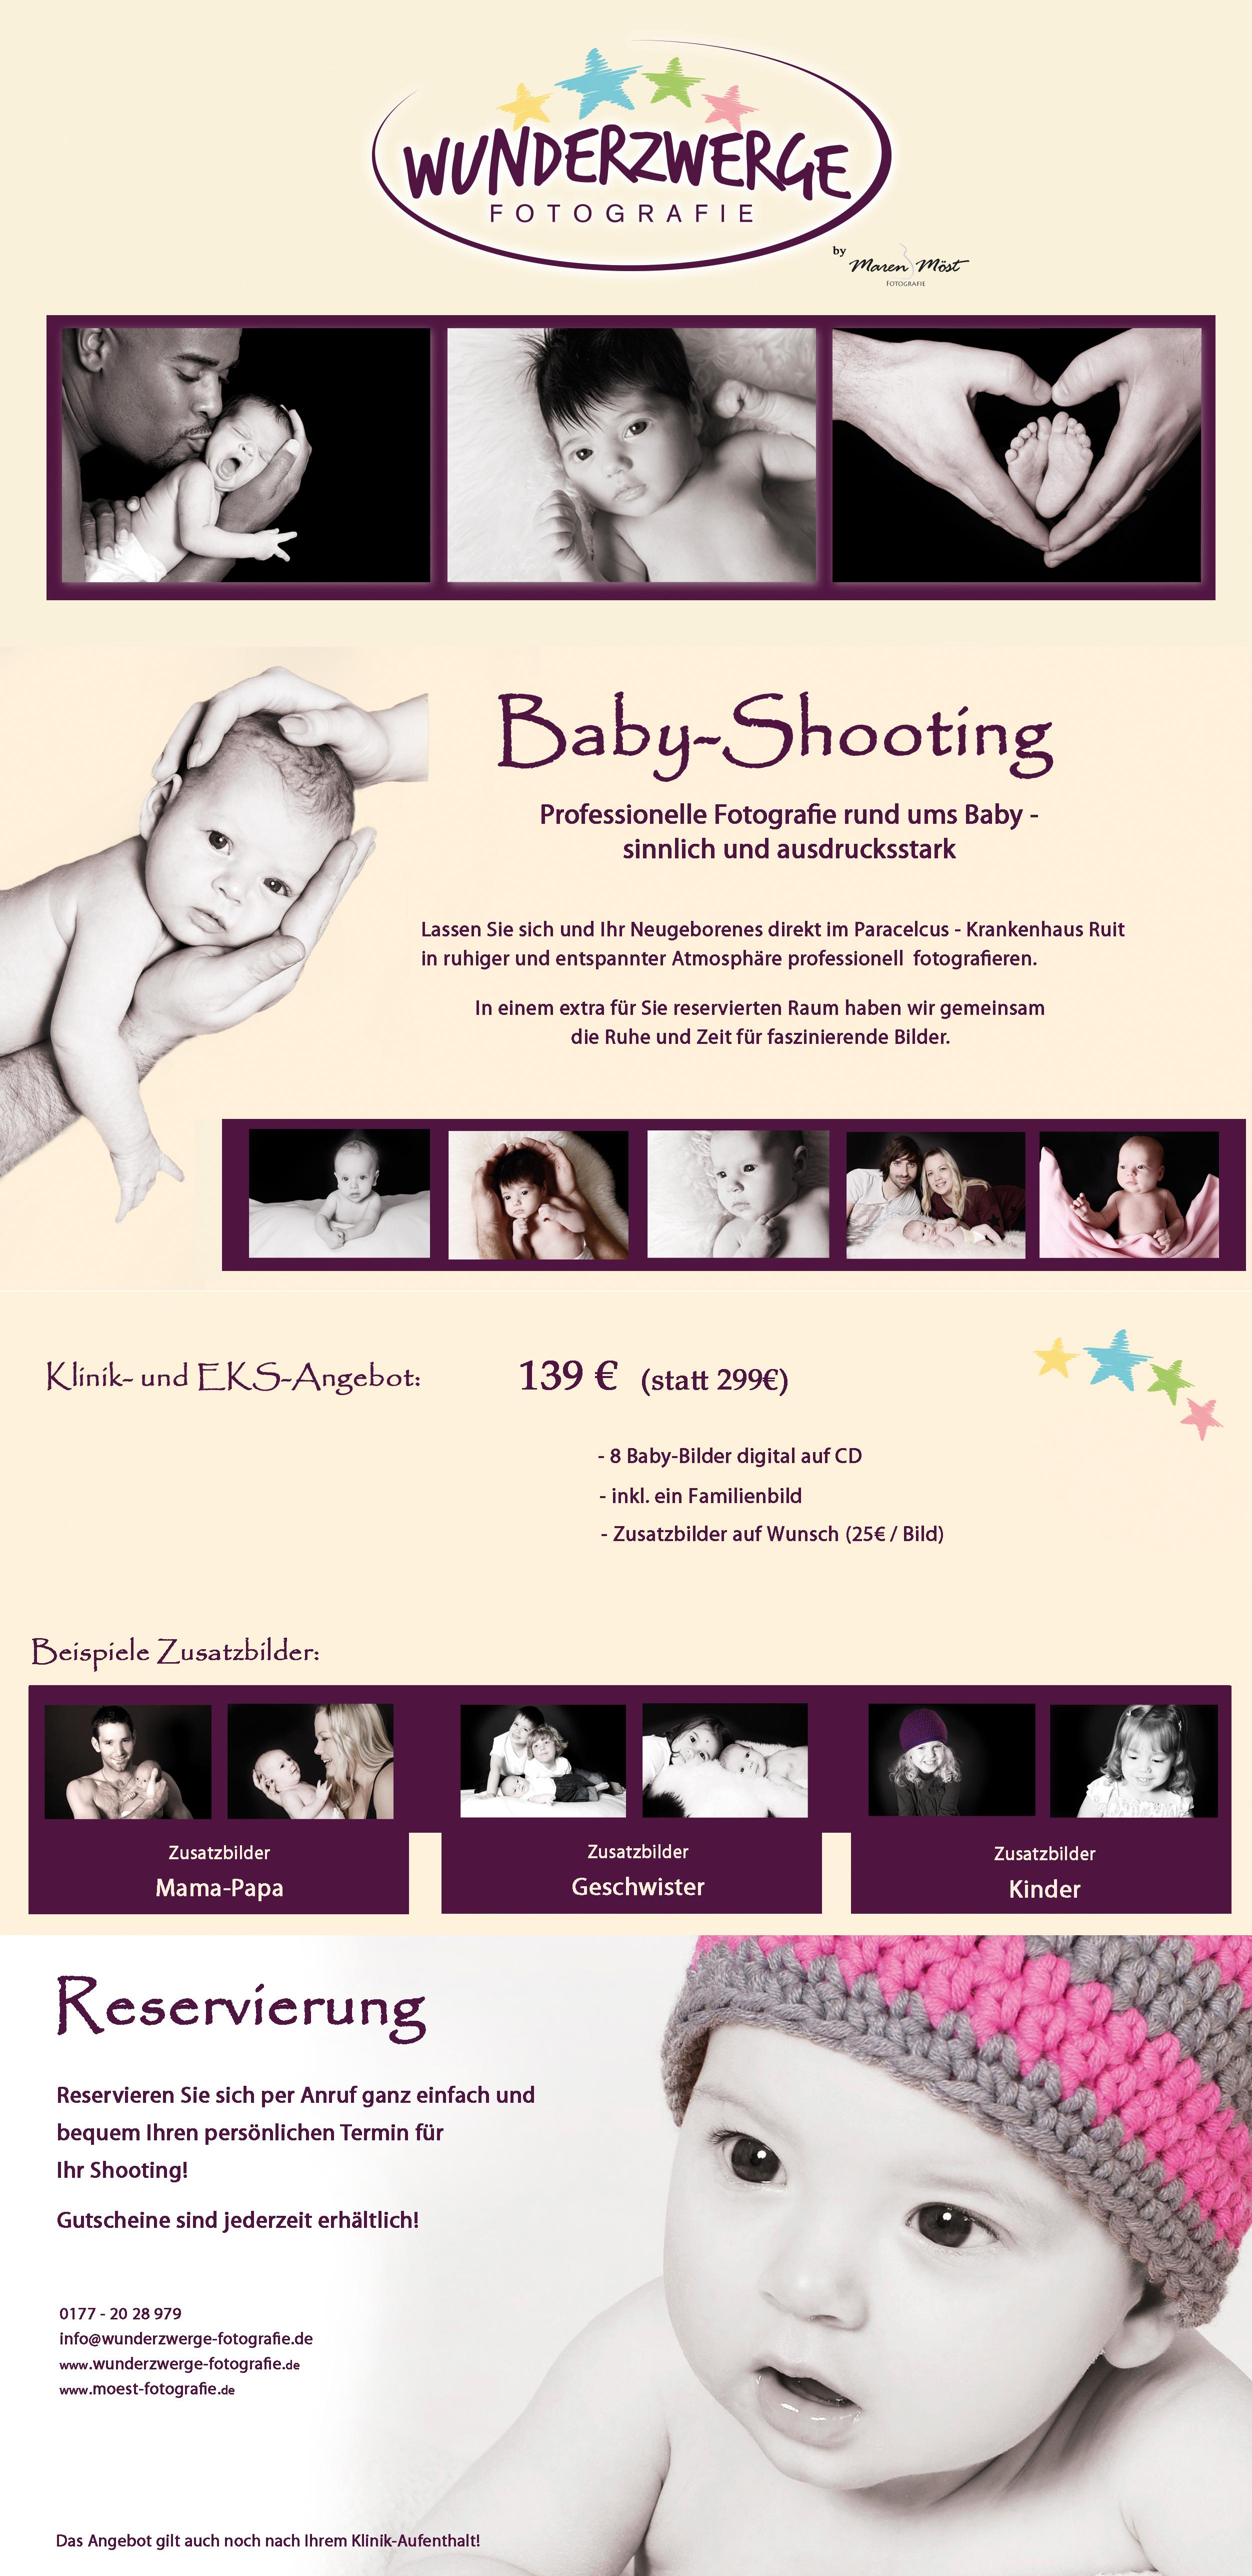 Wunderzwerge - Professionelle Fotografie rund ums Baby